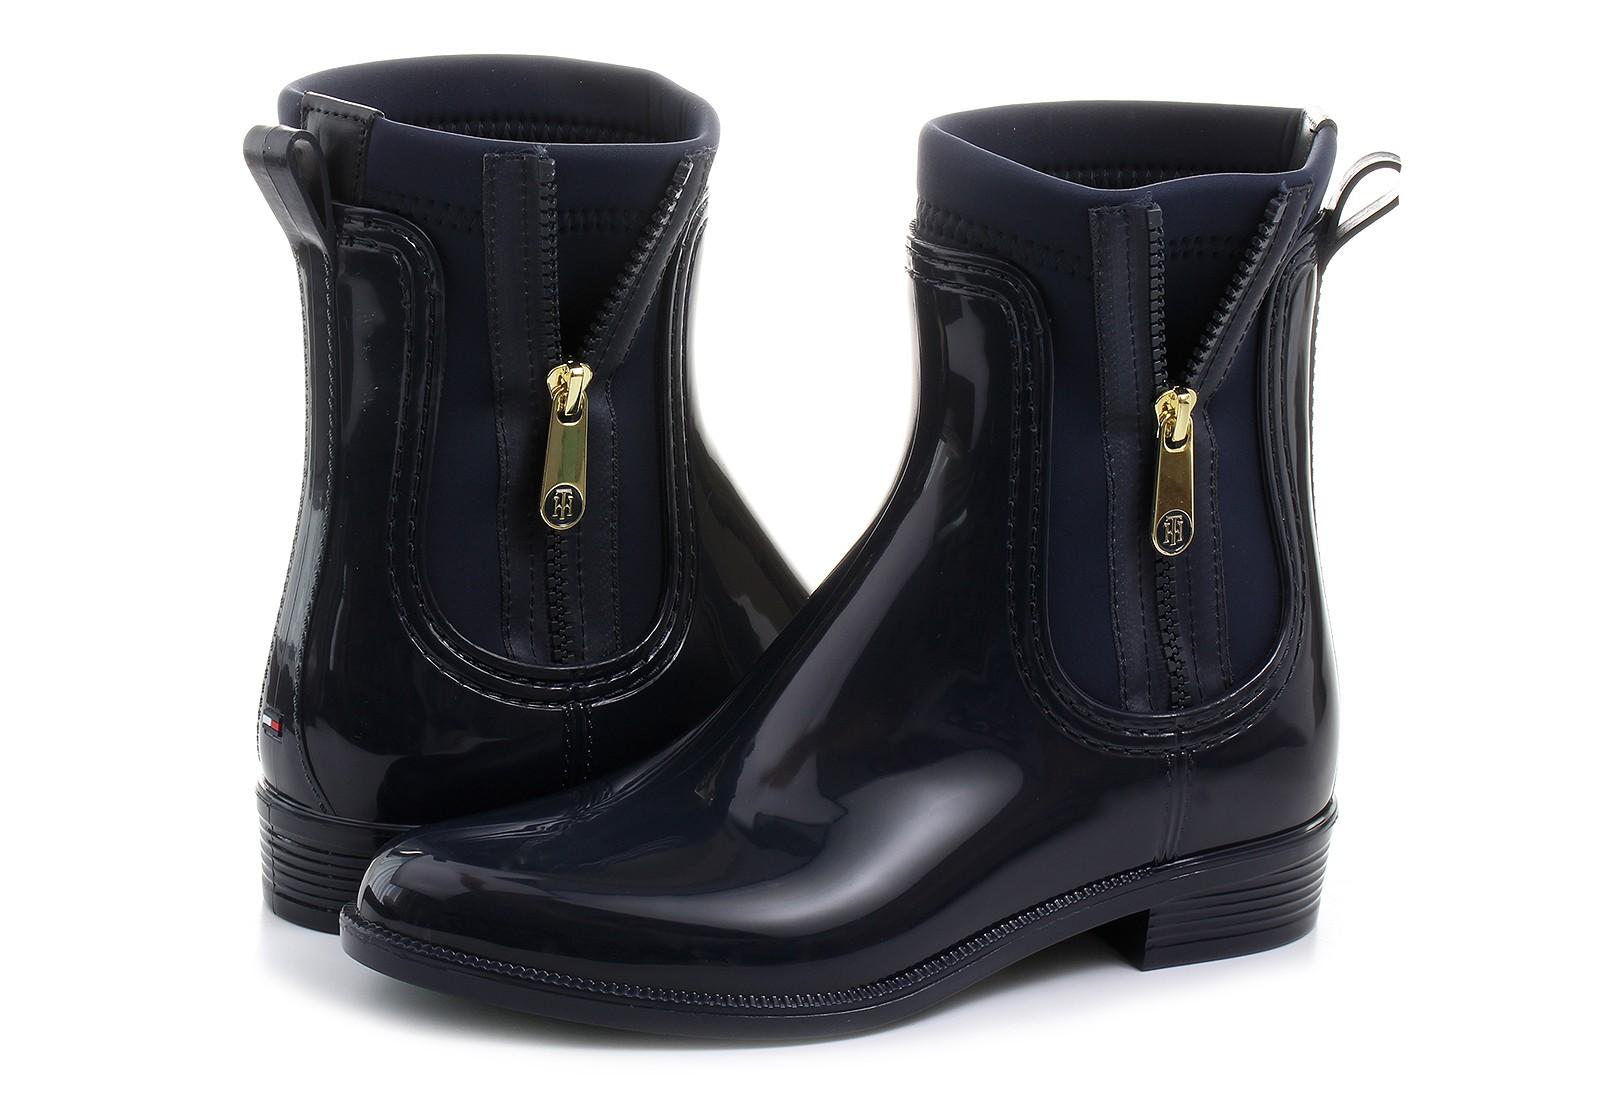 tommy hilfiger boots odette 12r 17f 1265 403 online. Black Bedroom Furniture Sets. Home Design Ideas